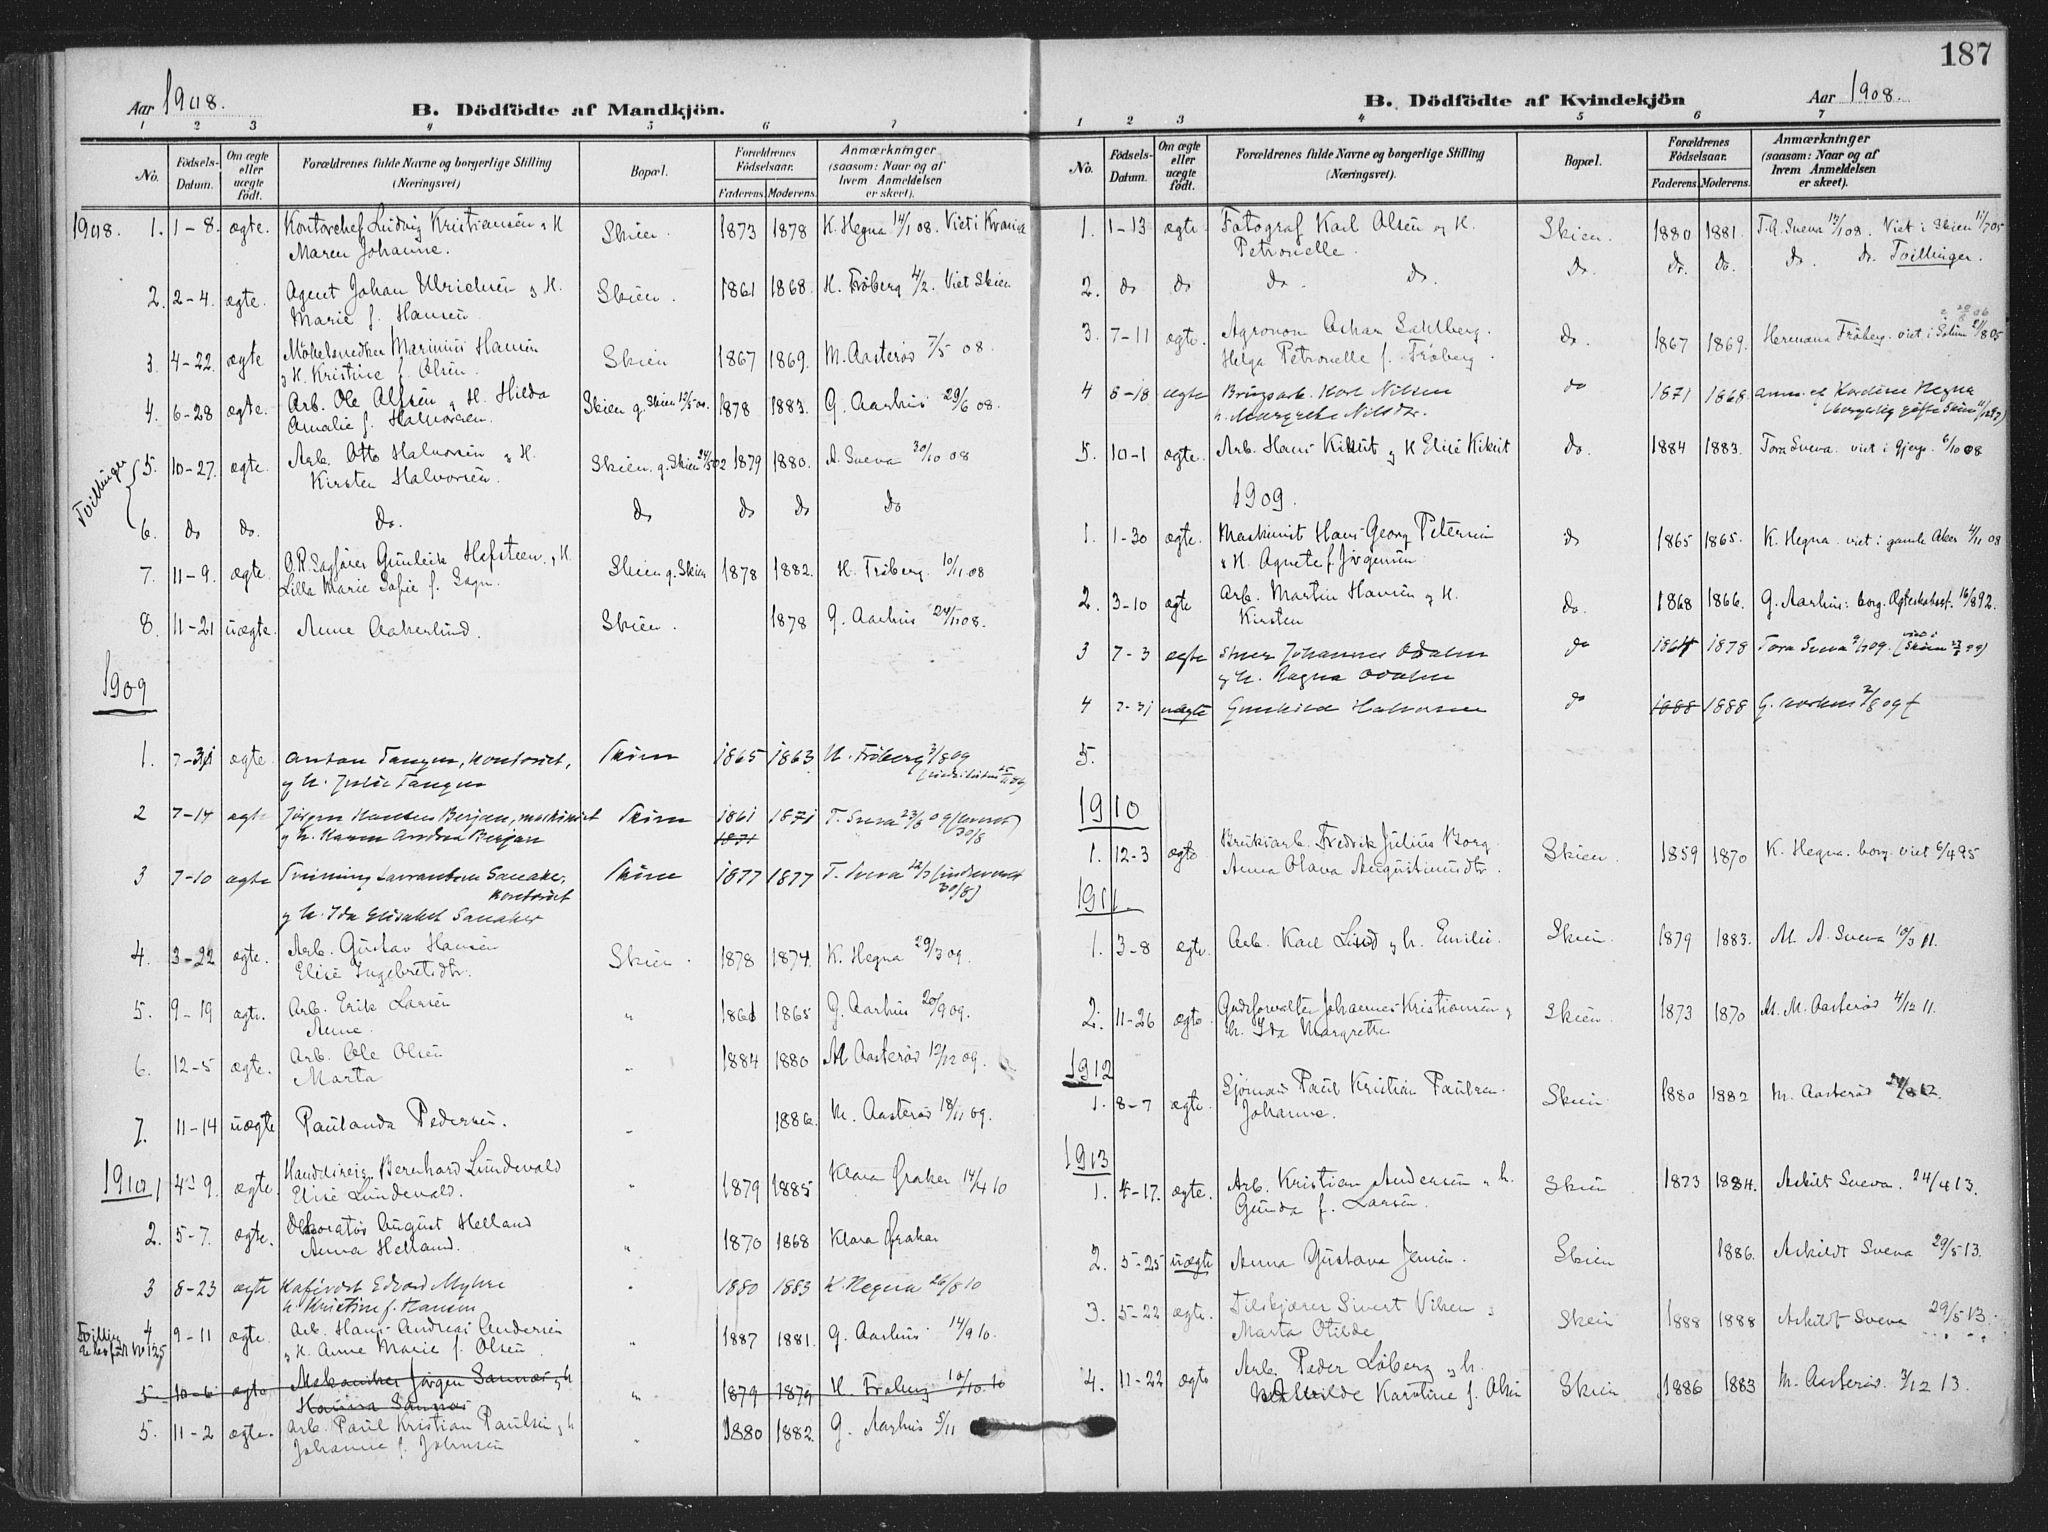 SAKO, Skien kirkebøker, F/Fa/L0012: Ministerialbok nr. 12, 1908-1914, s. 187